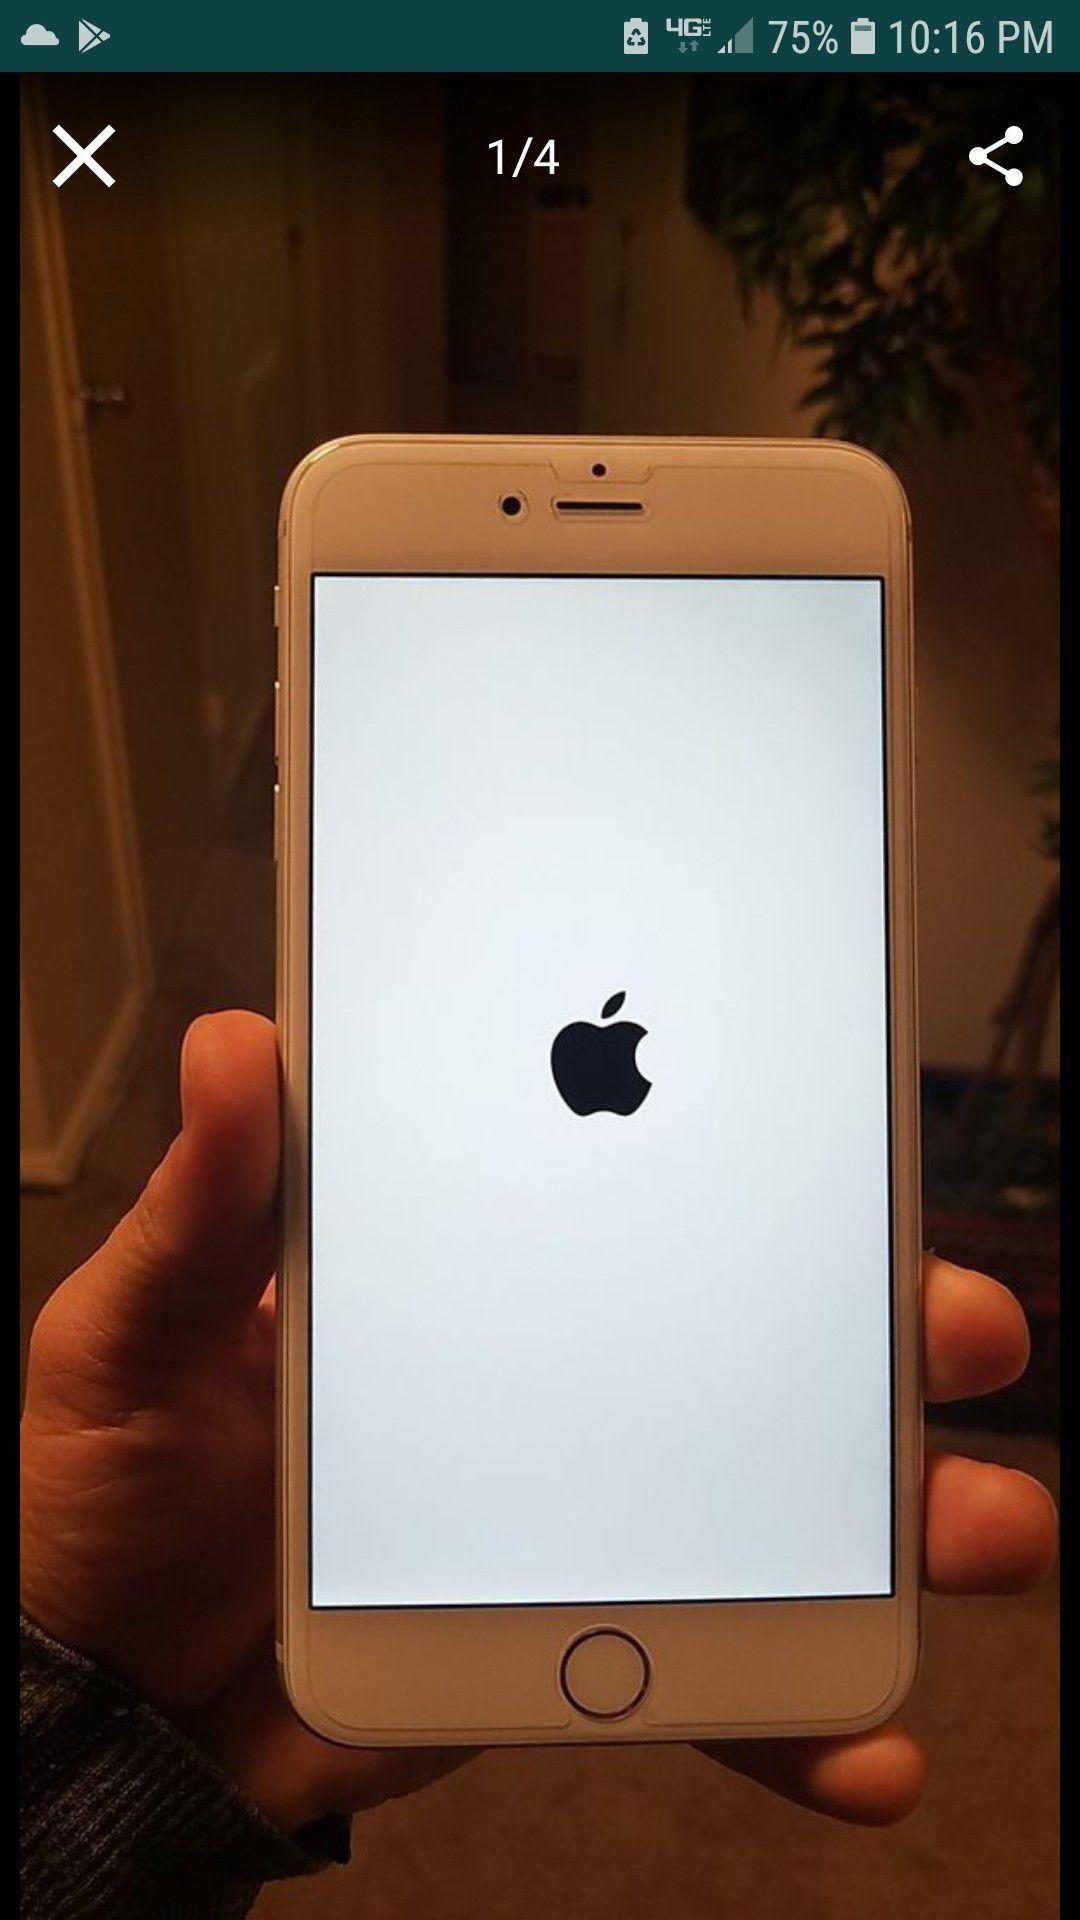 Iphone 6pluss (blocked by icloud)